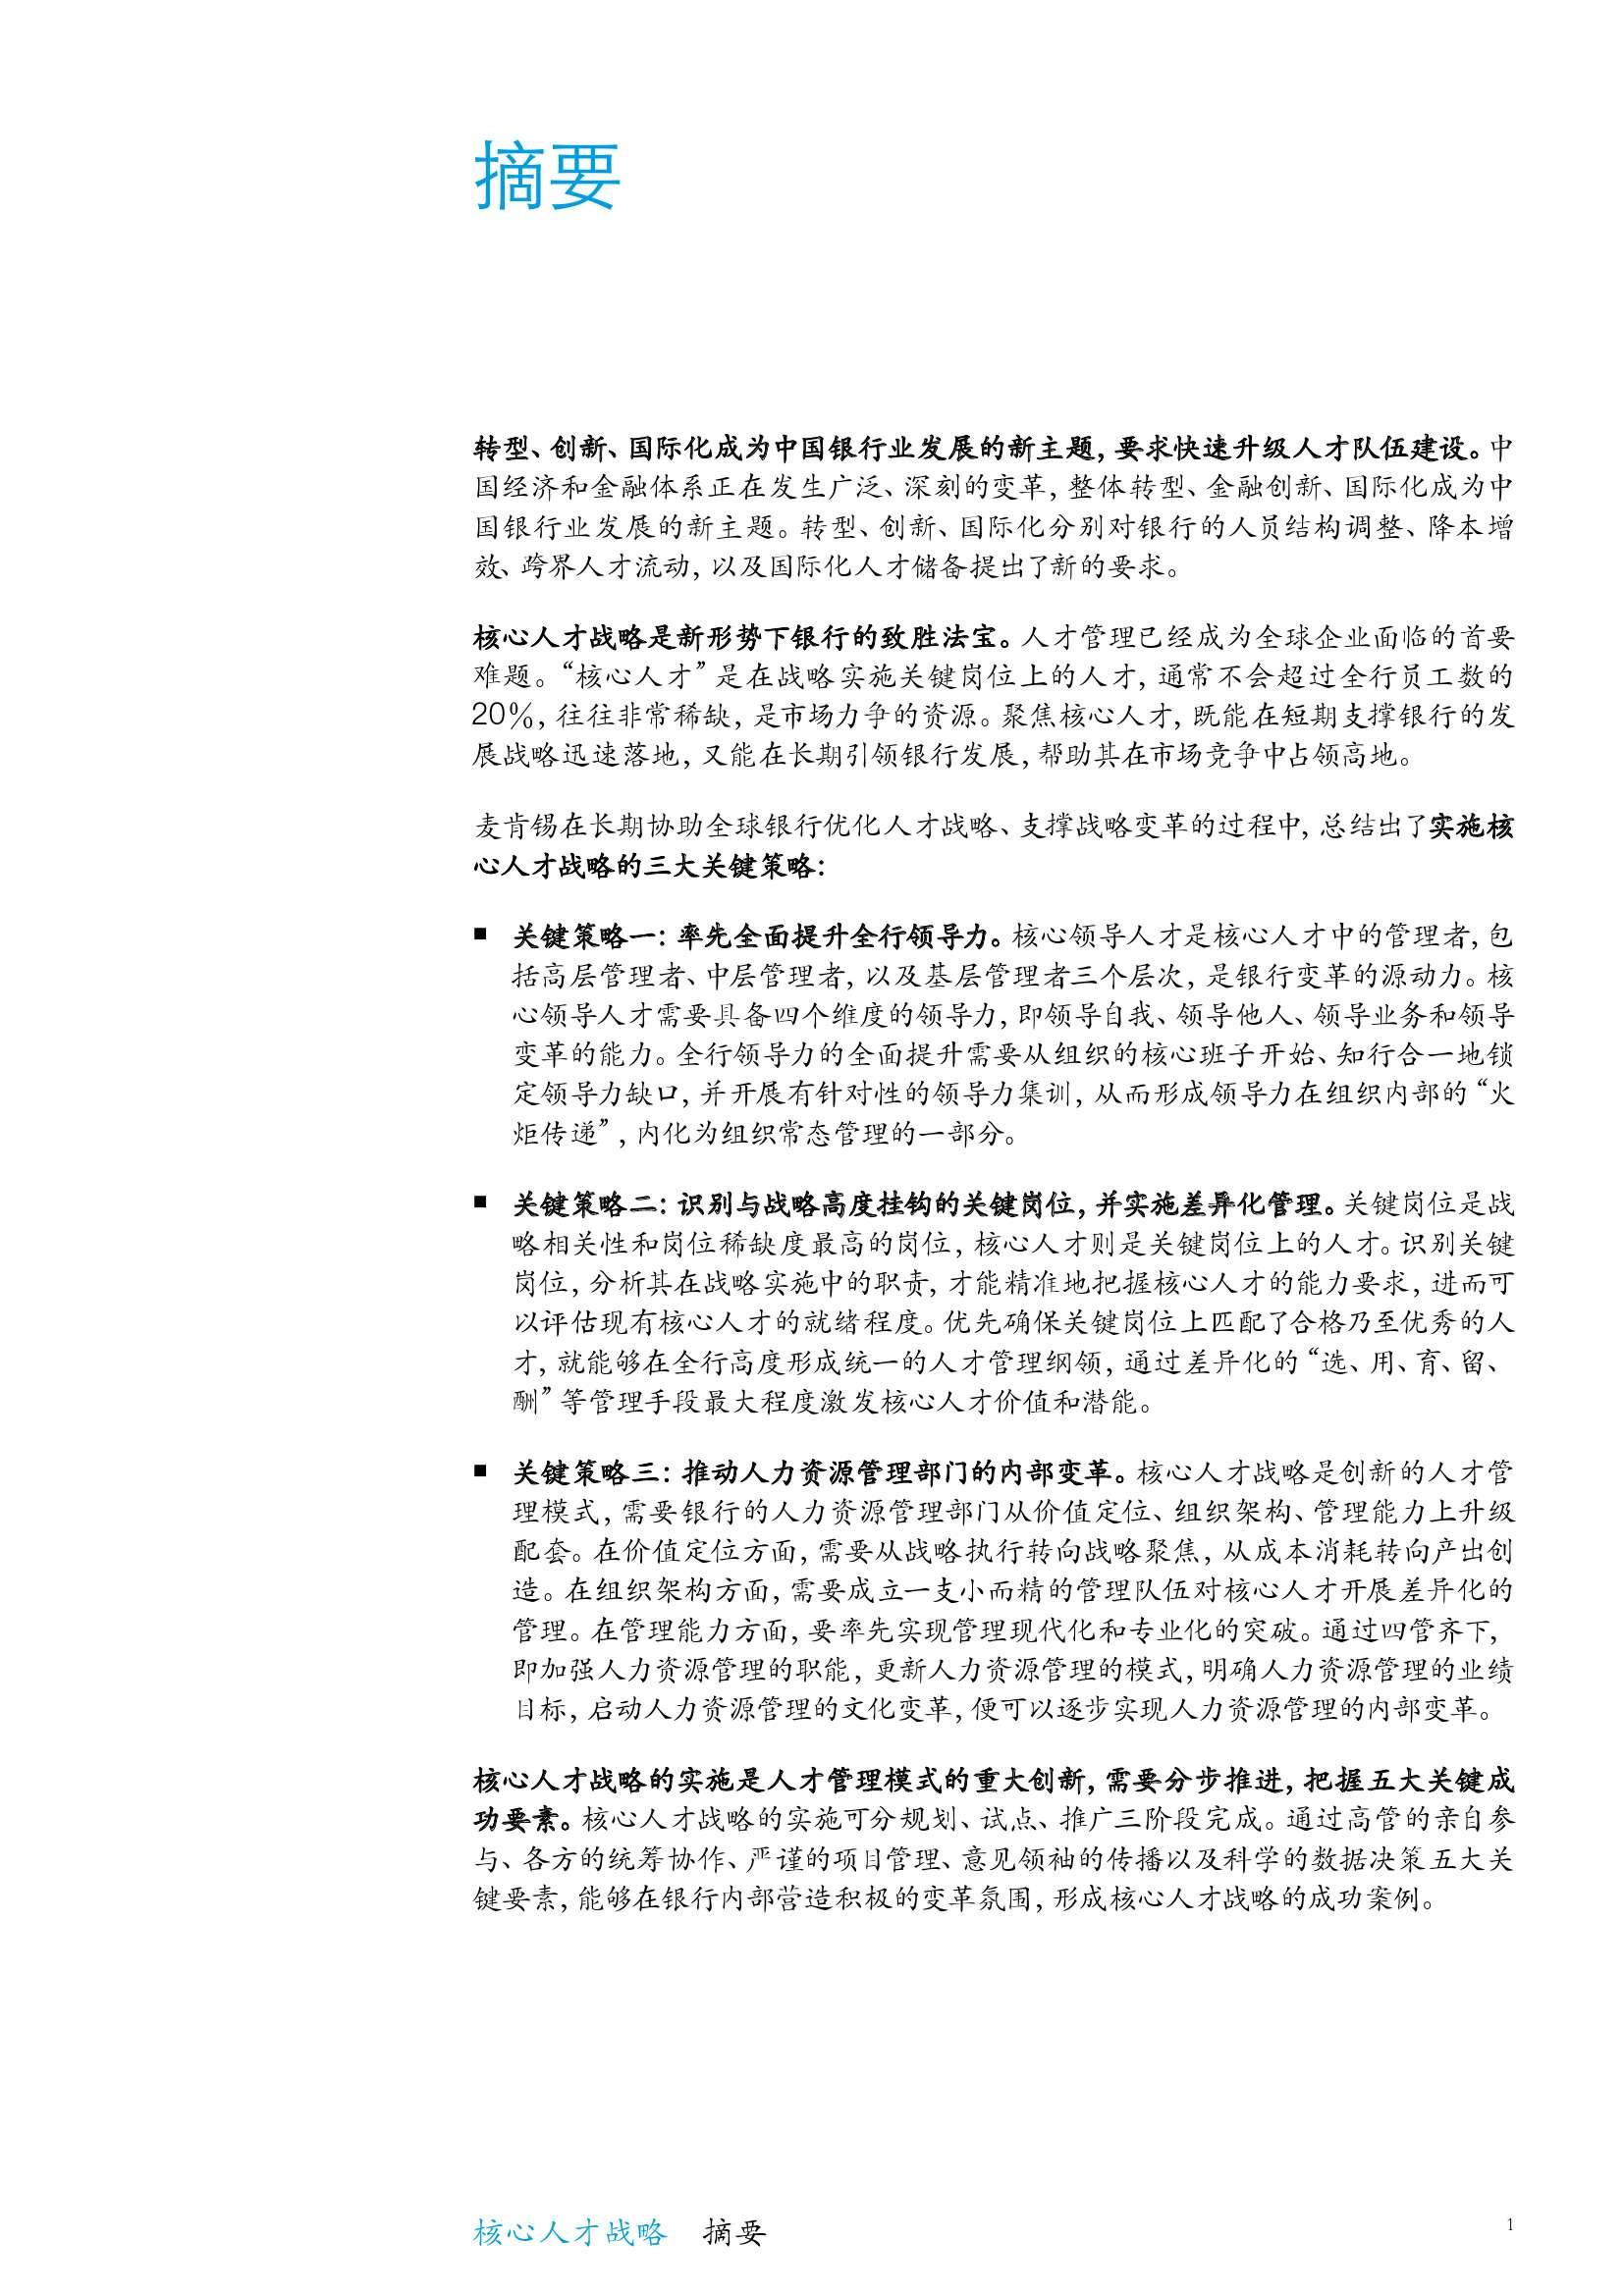 中国银行行业白皮书--核心人才战略4_000007